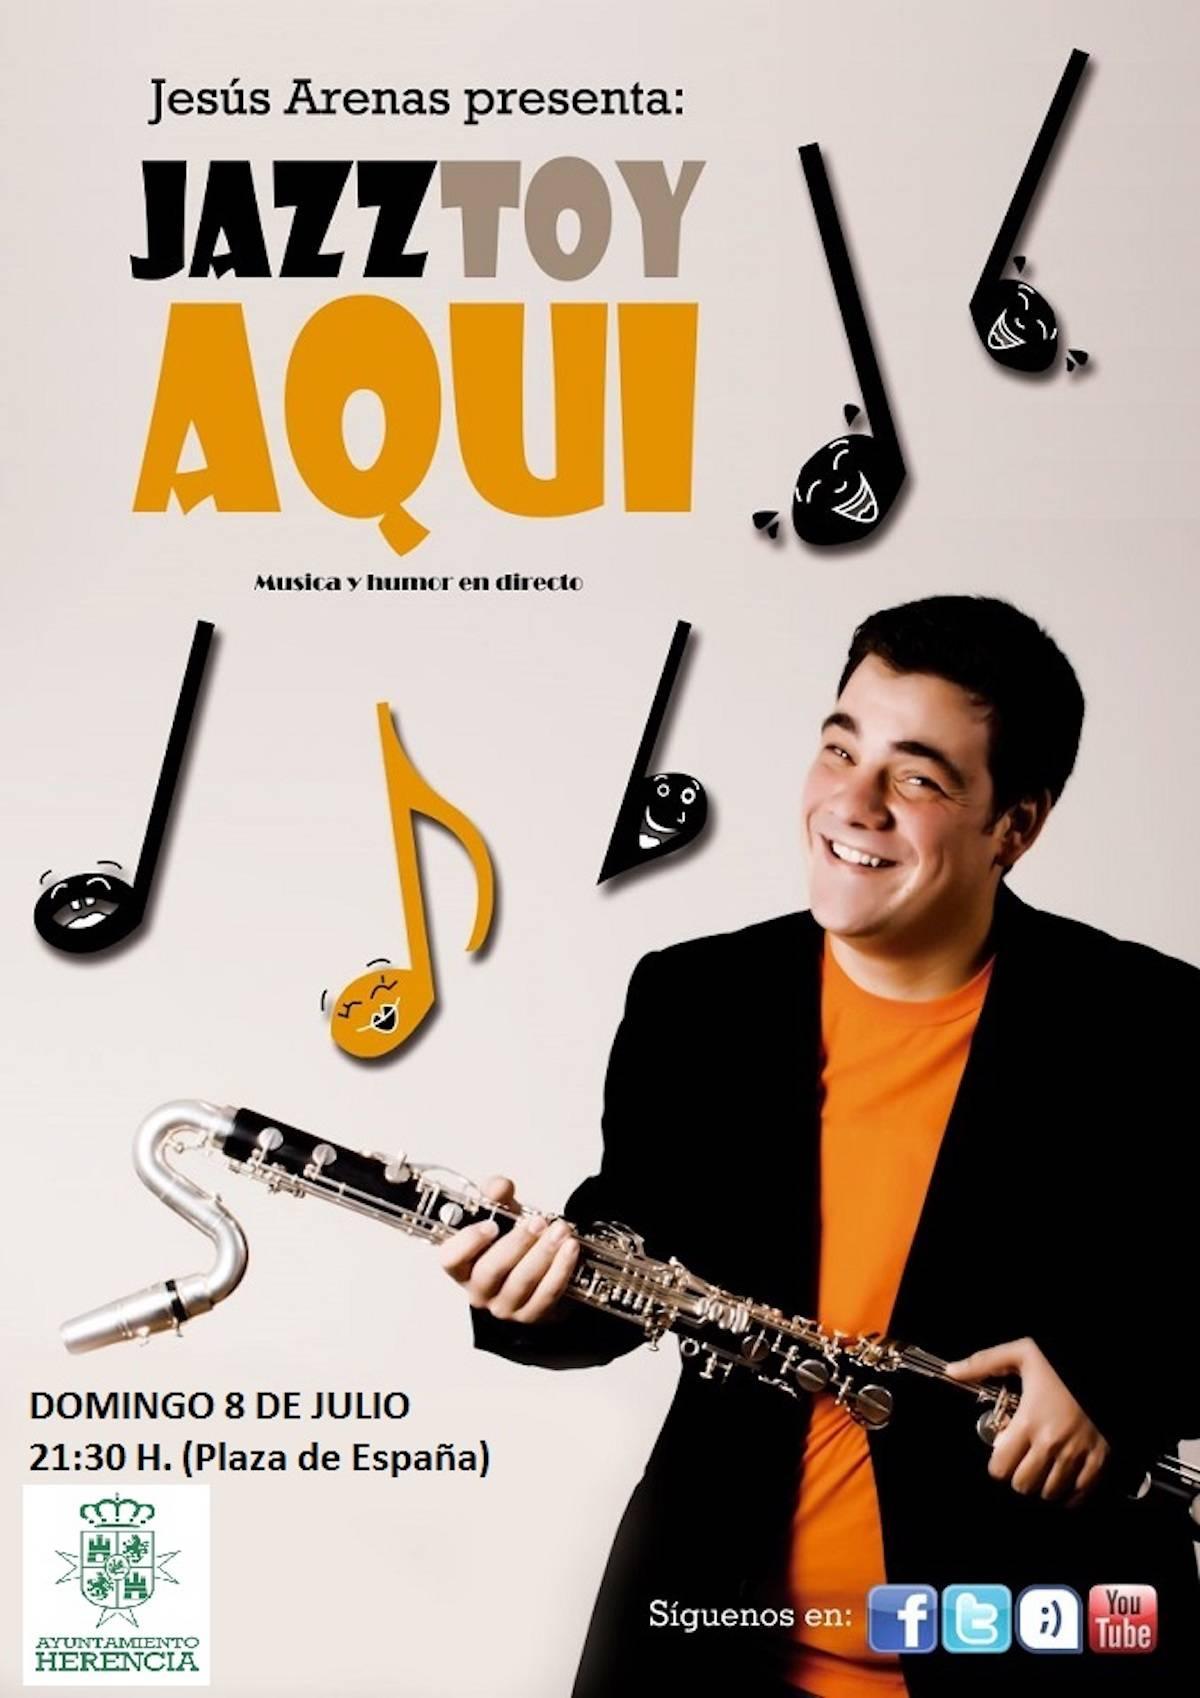 jazztoy aqui herencia - El domingo noche de humor y música con Jesús Arenas